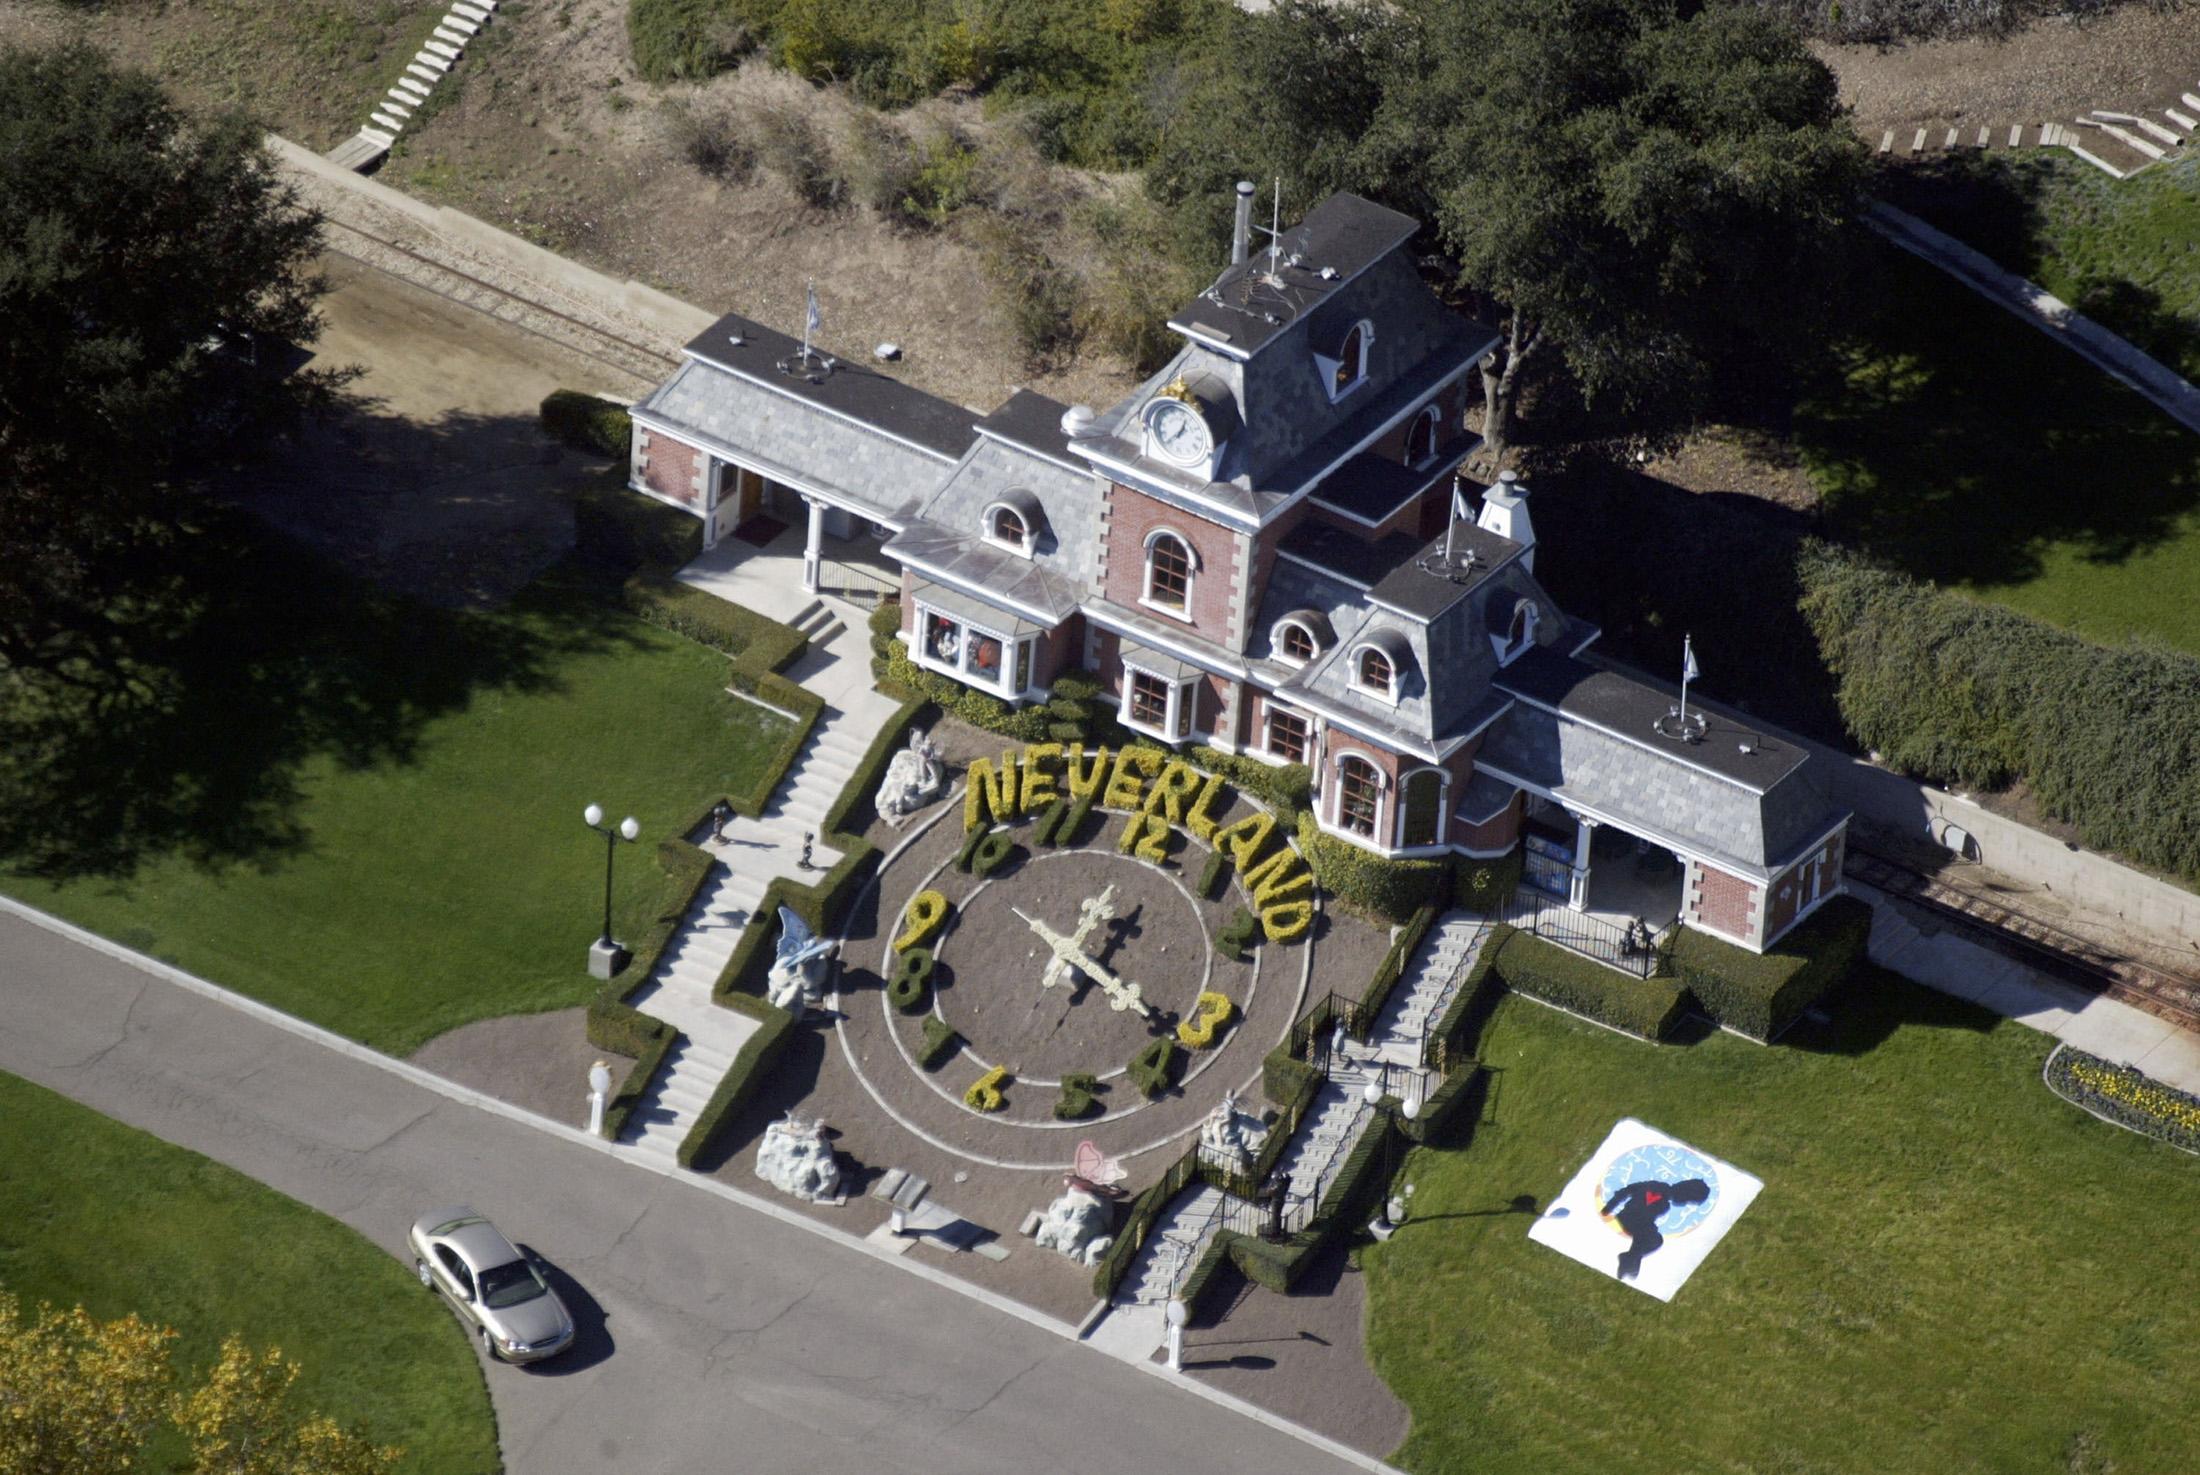 Michael Jackson Estate May Avoid Penalties in IRS Dispute - Bloomberg